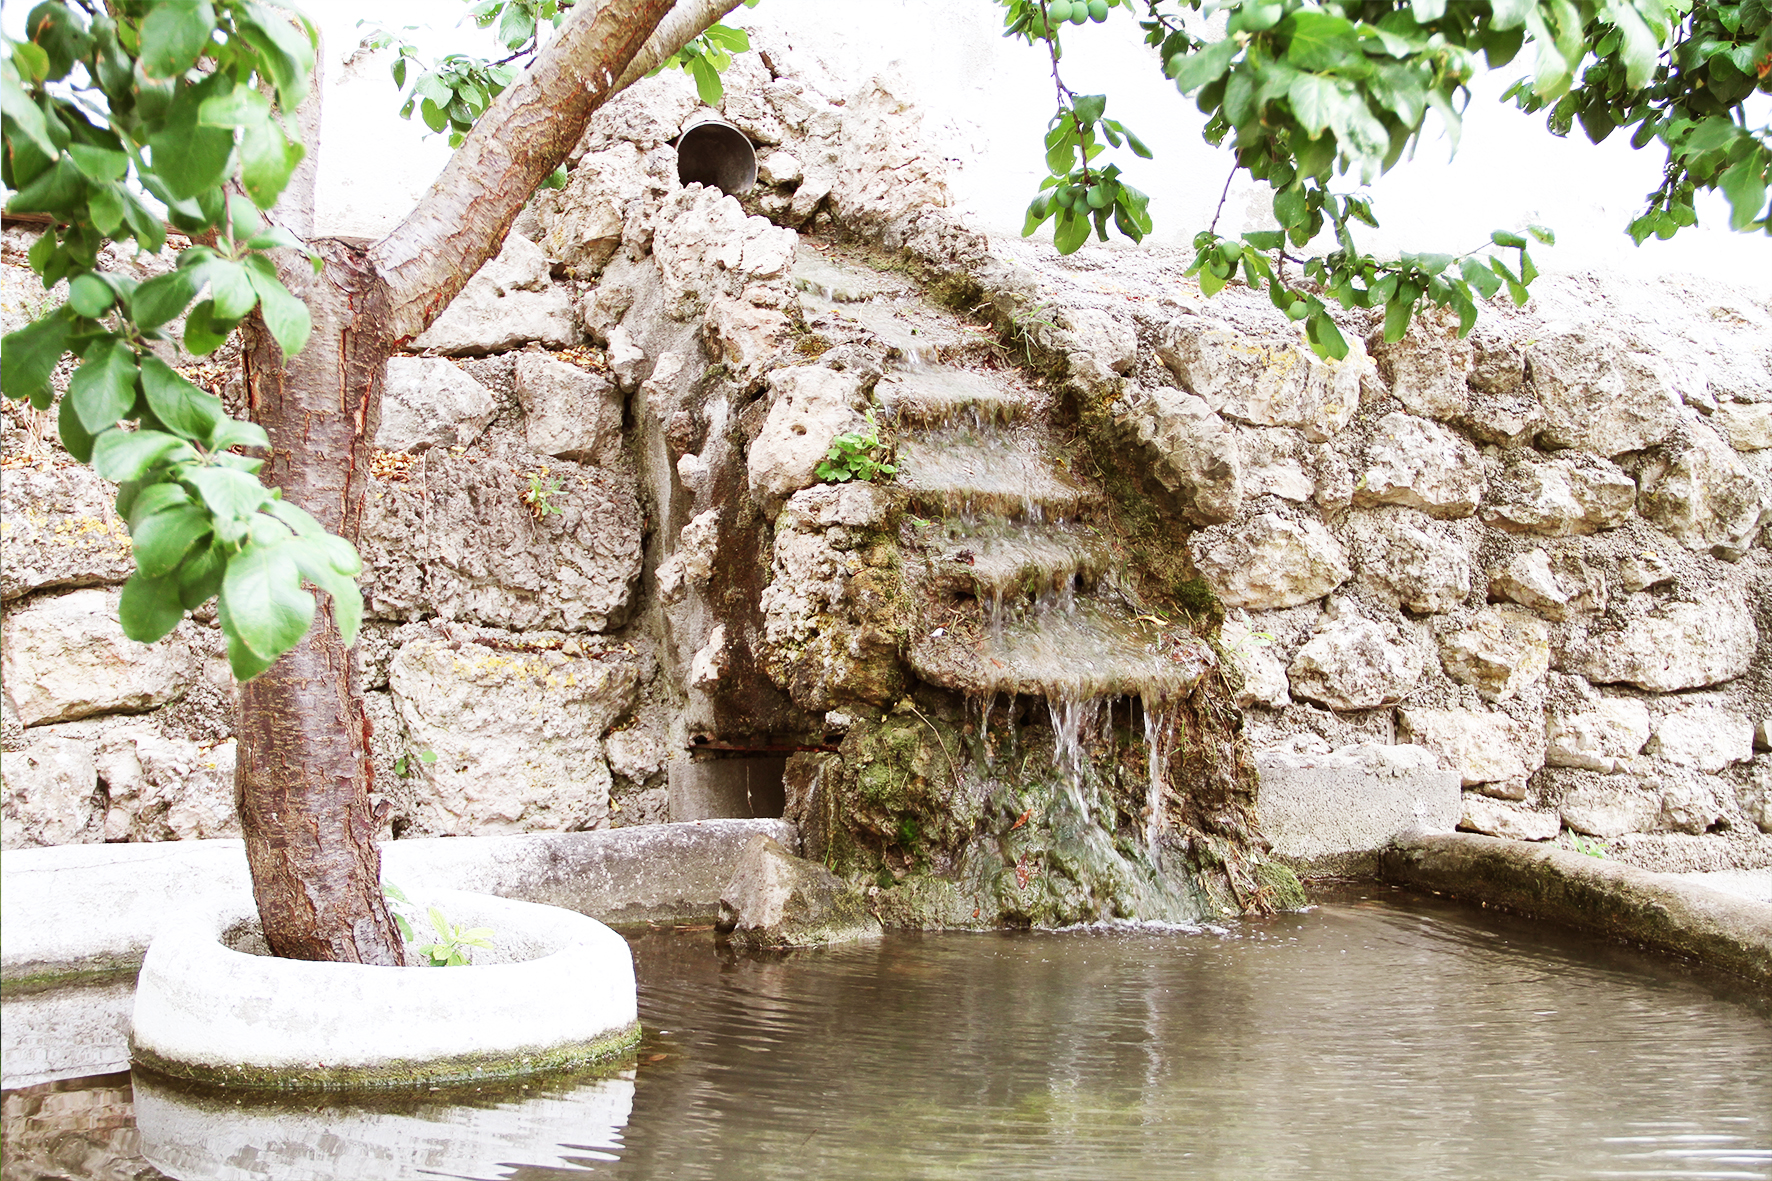 Cascadas de agua en las zonas ajardinadas exteriores